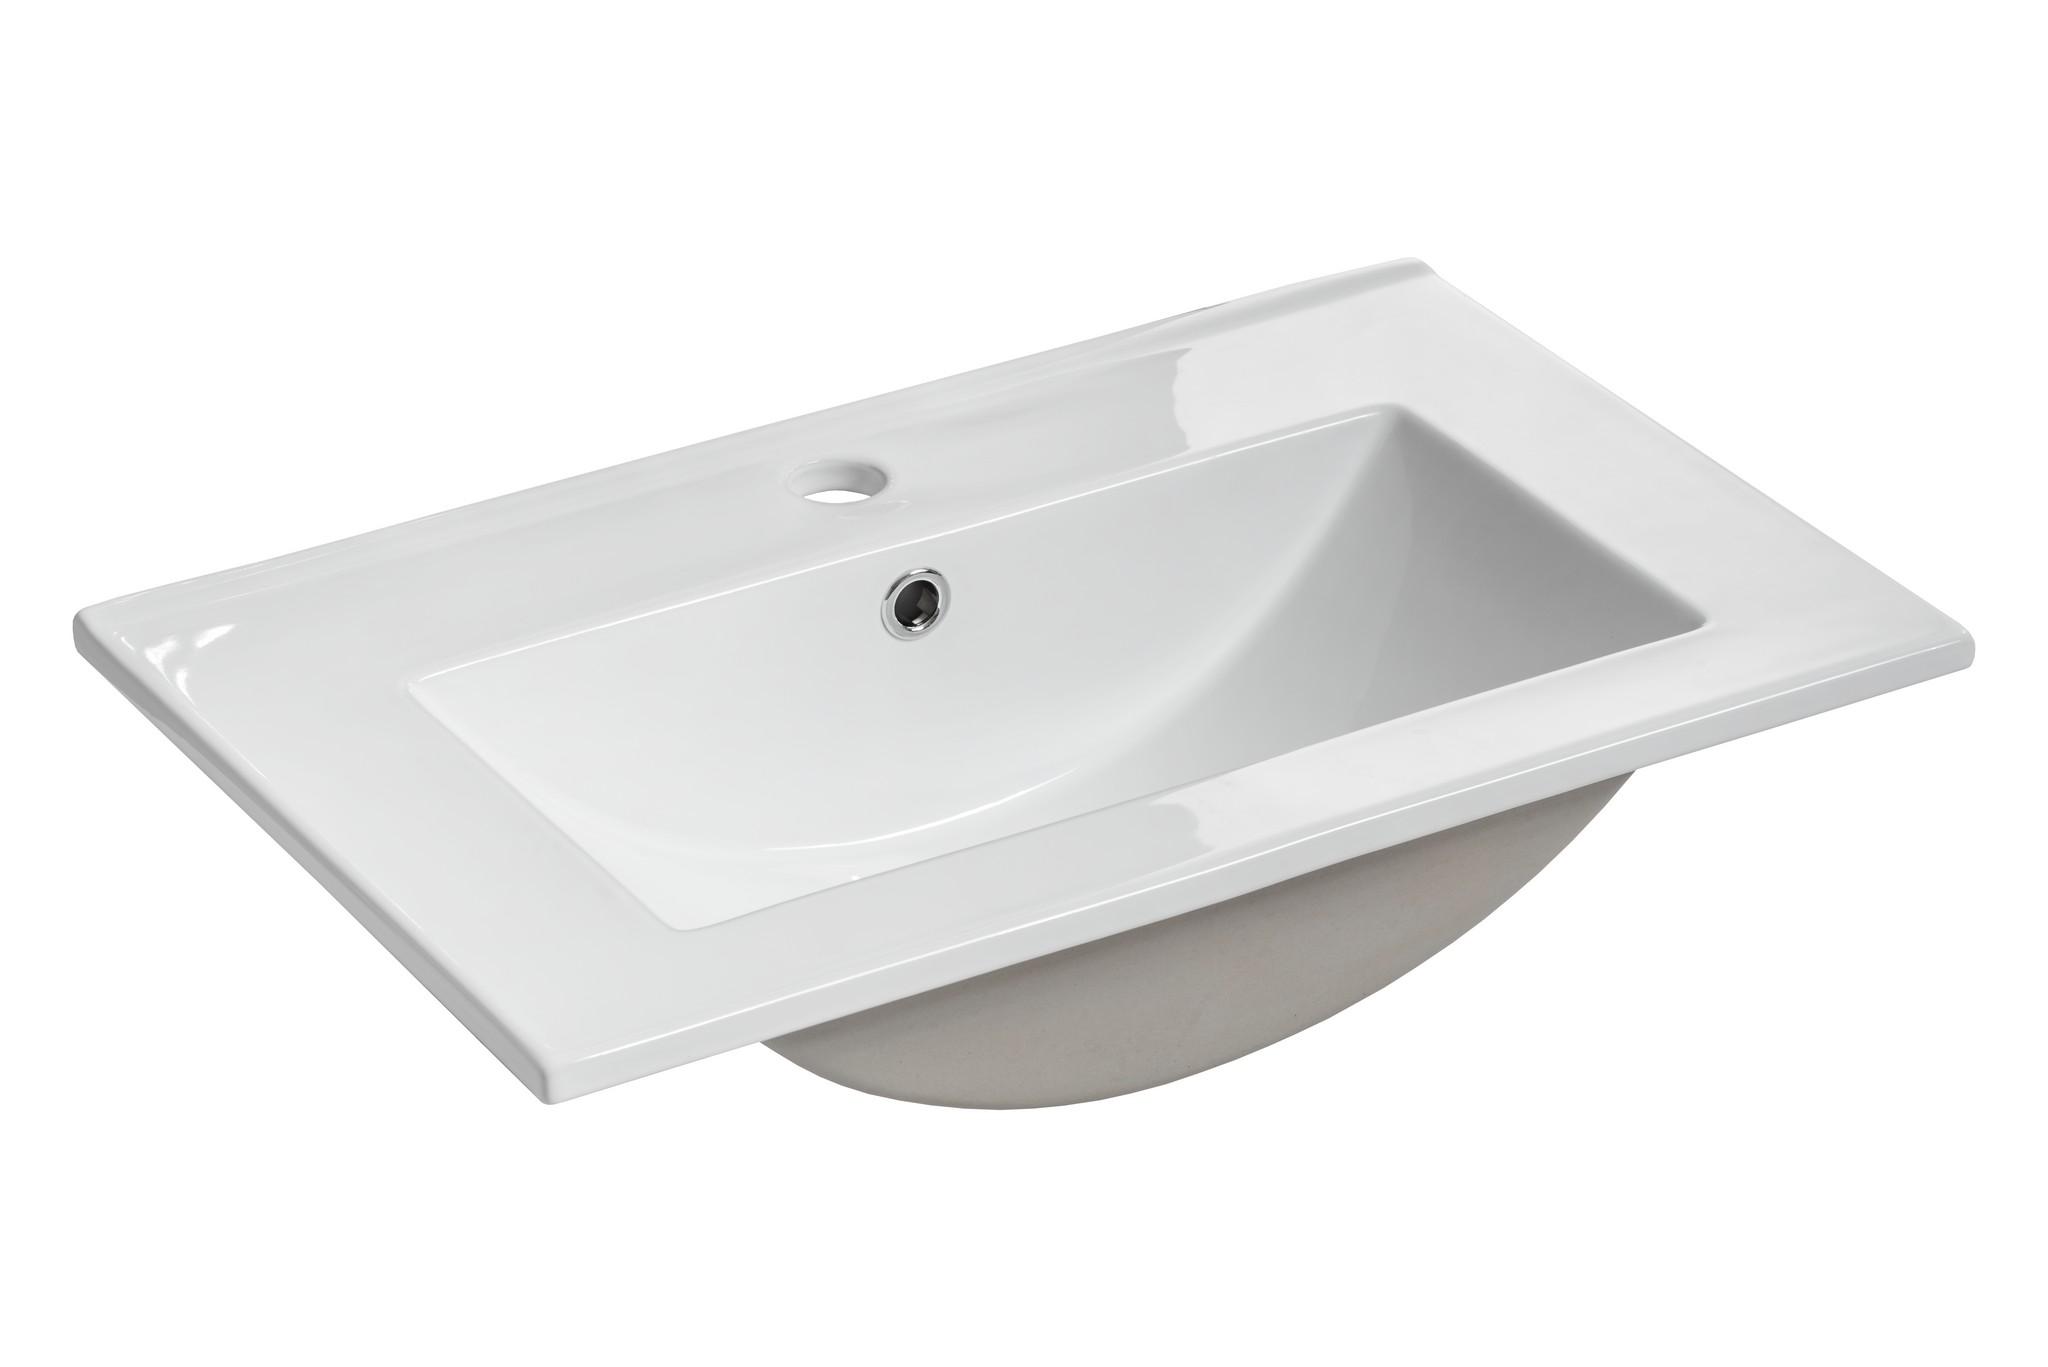 ArtCom Kúpeľňová zostava TWIST / BIELA Twist: keramické umývadlo 60 cm UM-2060RB: 61 x 18 x 40 cm